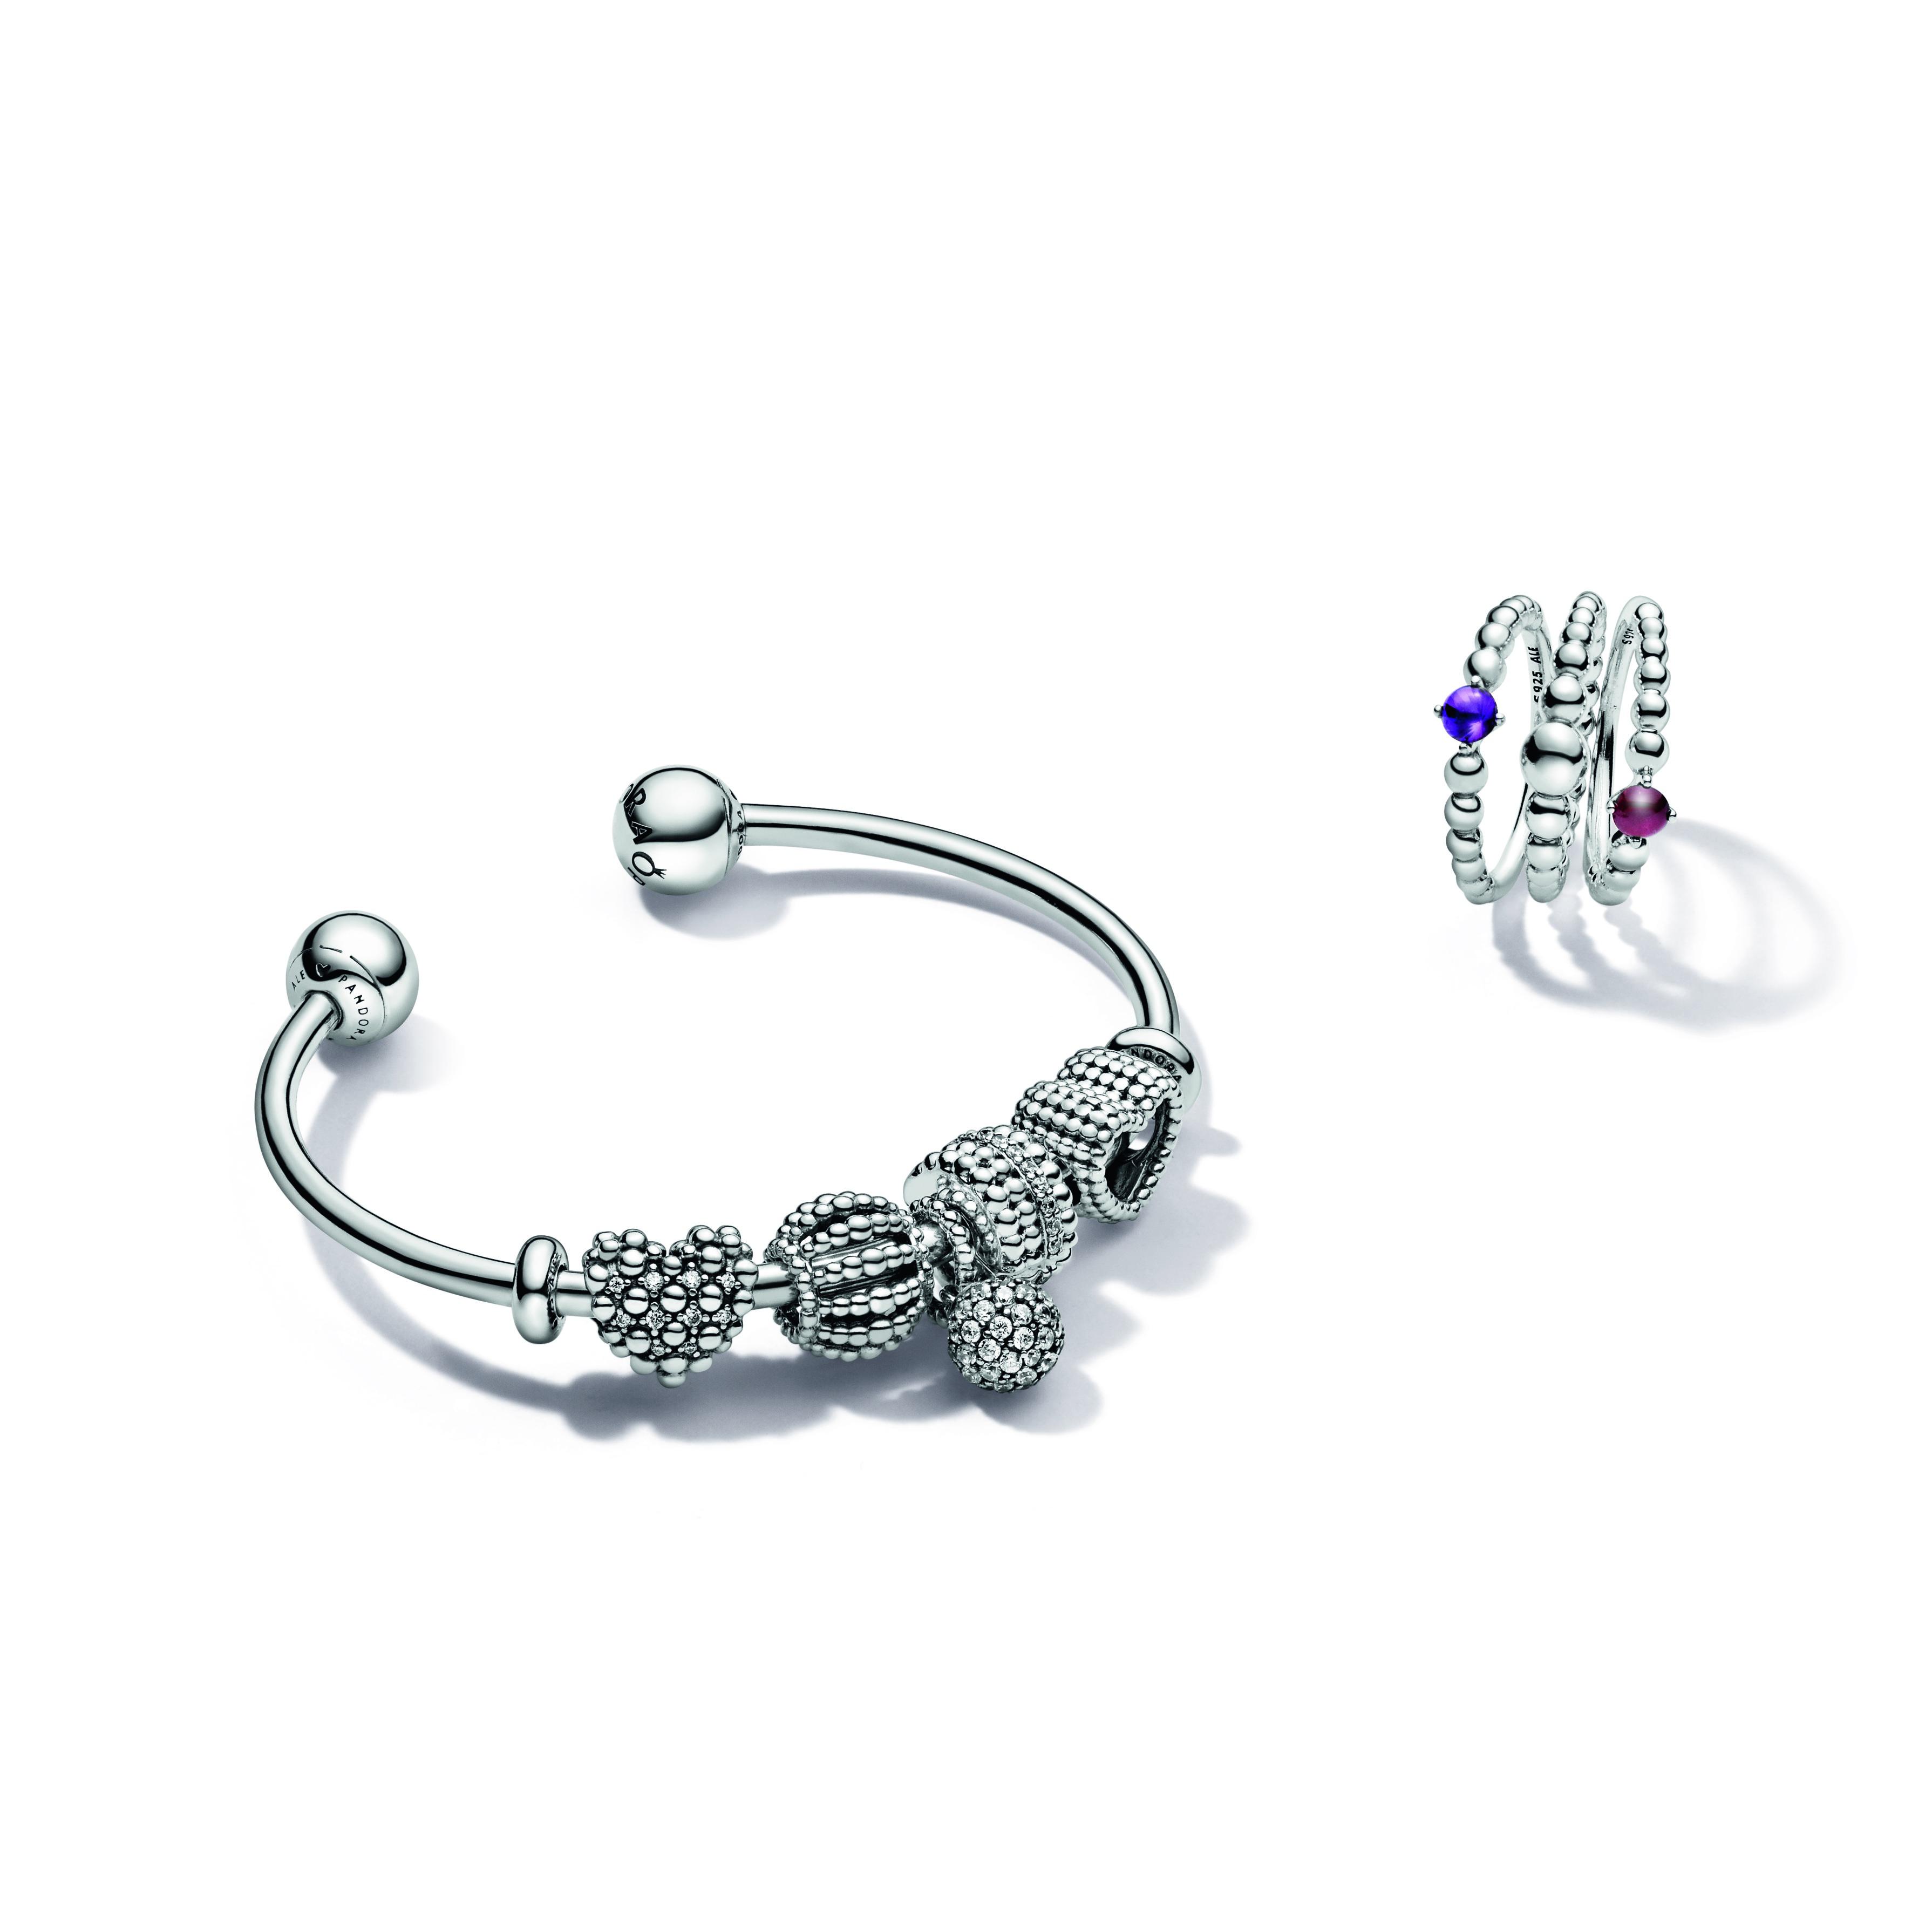 Variedad de brazaletes y cadena de Pandora. (Suministrada)